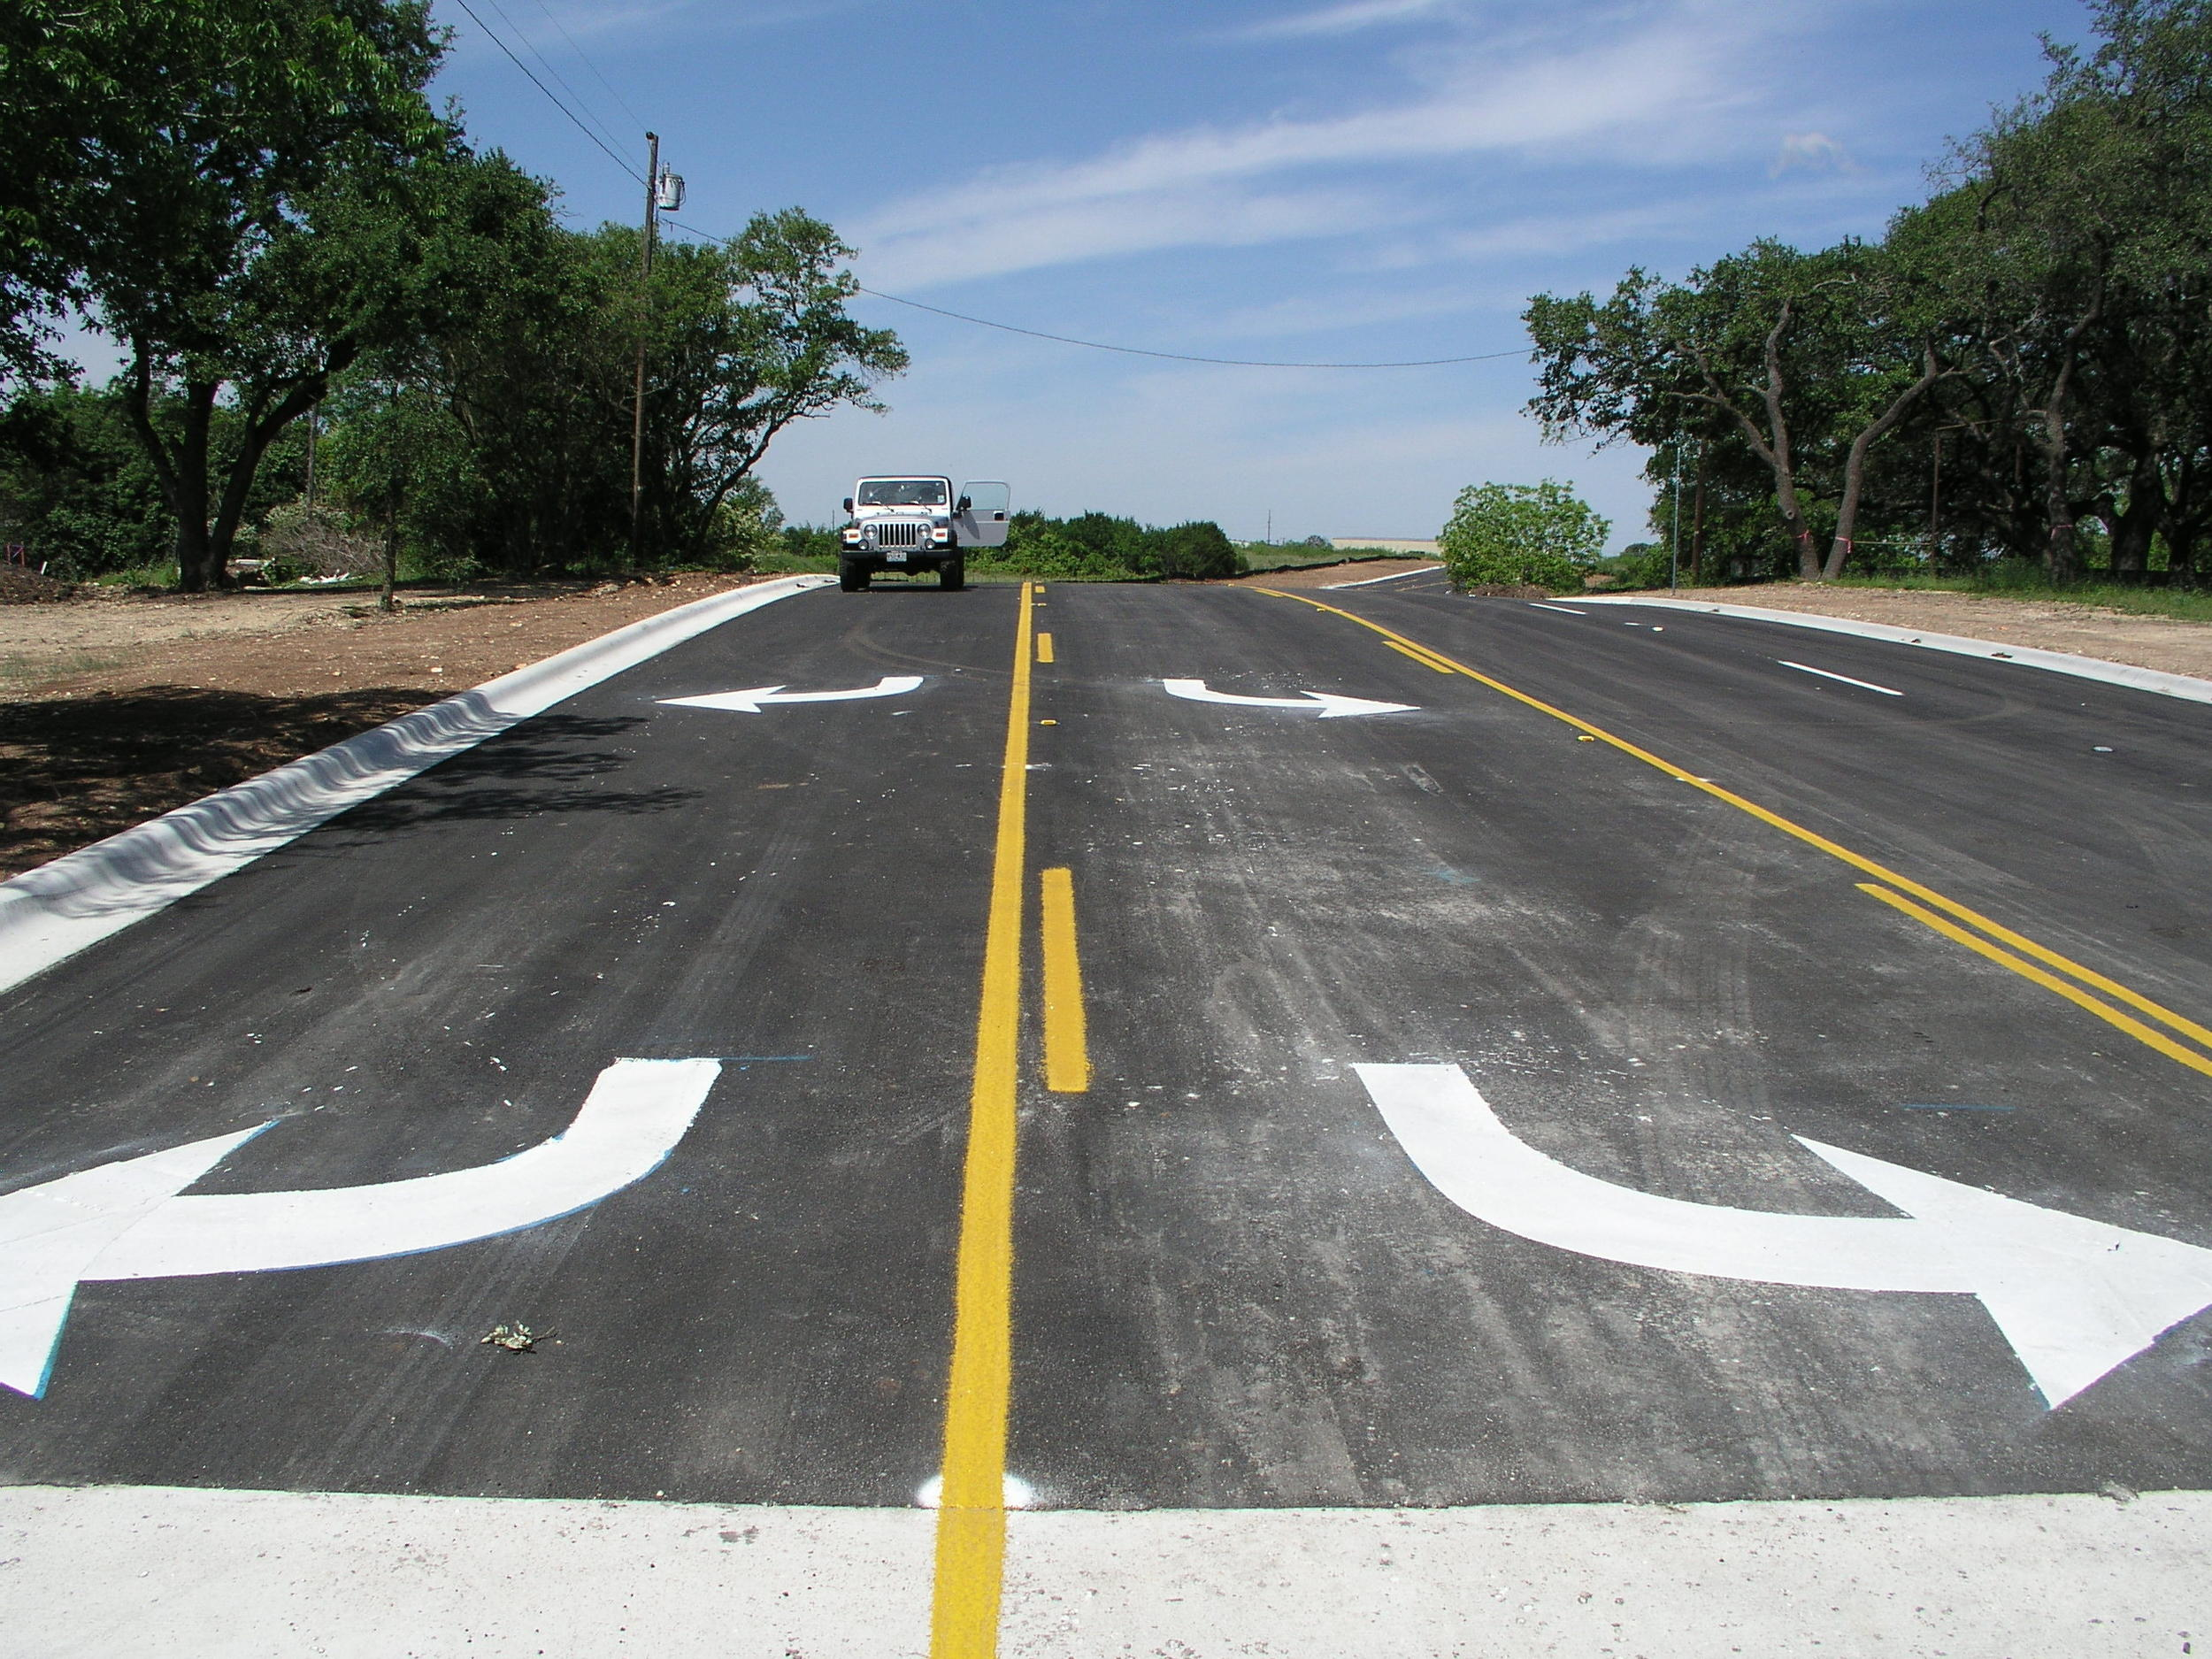 Multi-Lane Roadways